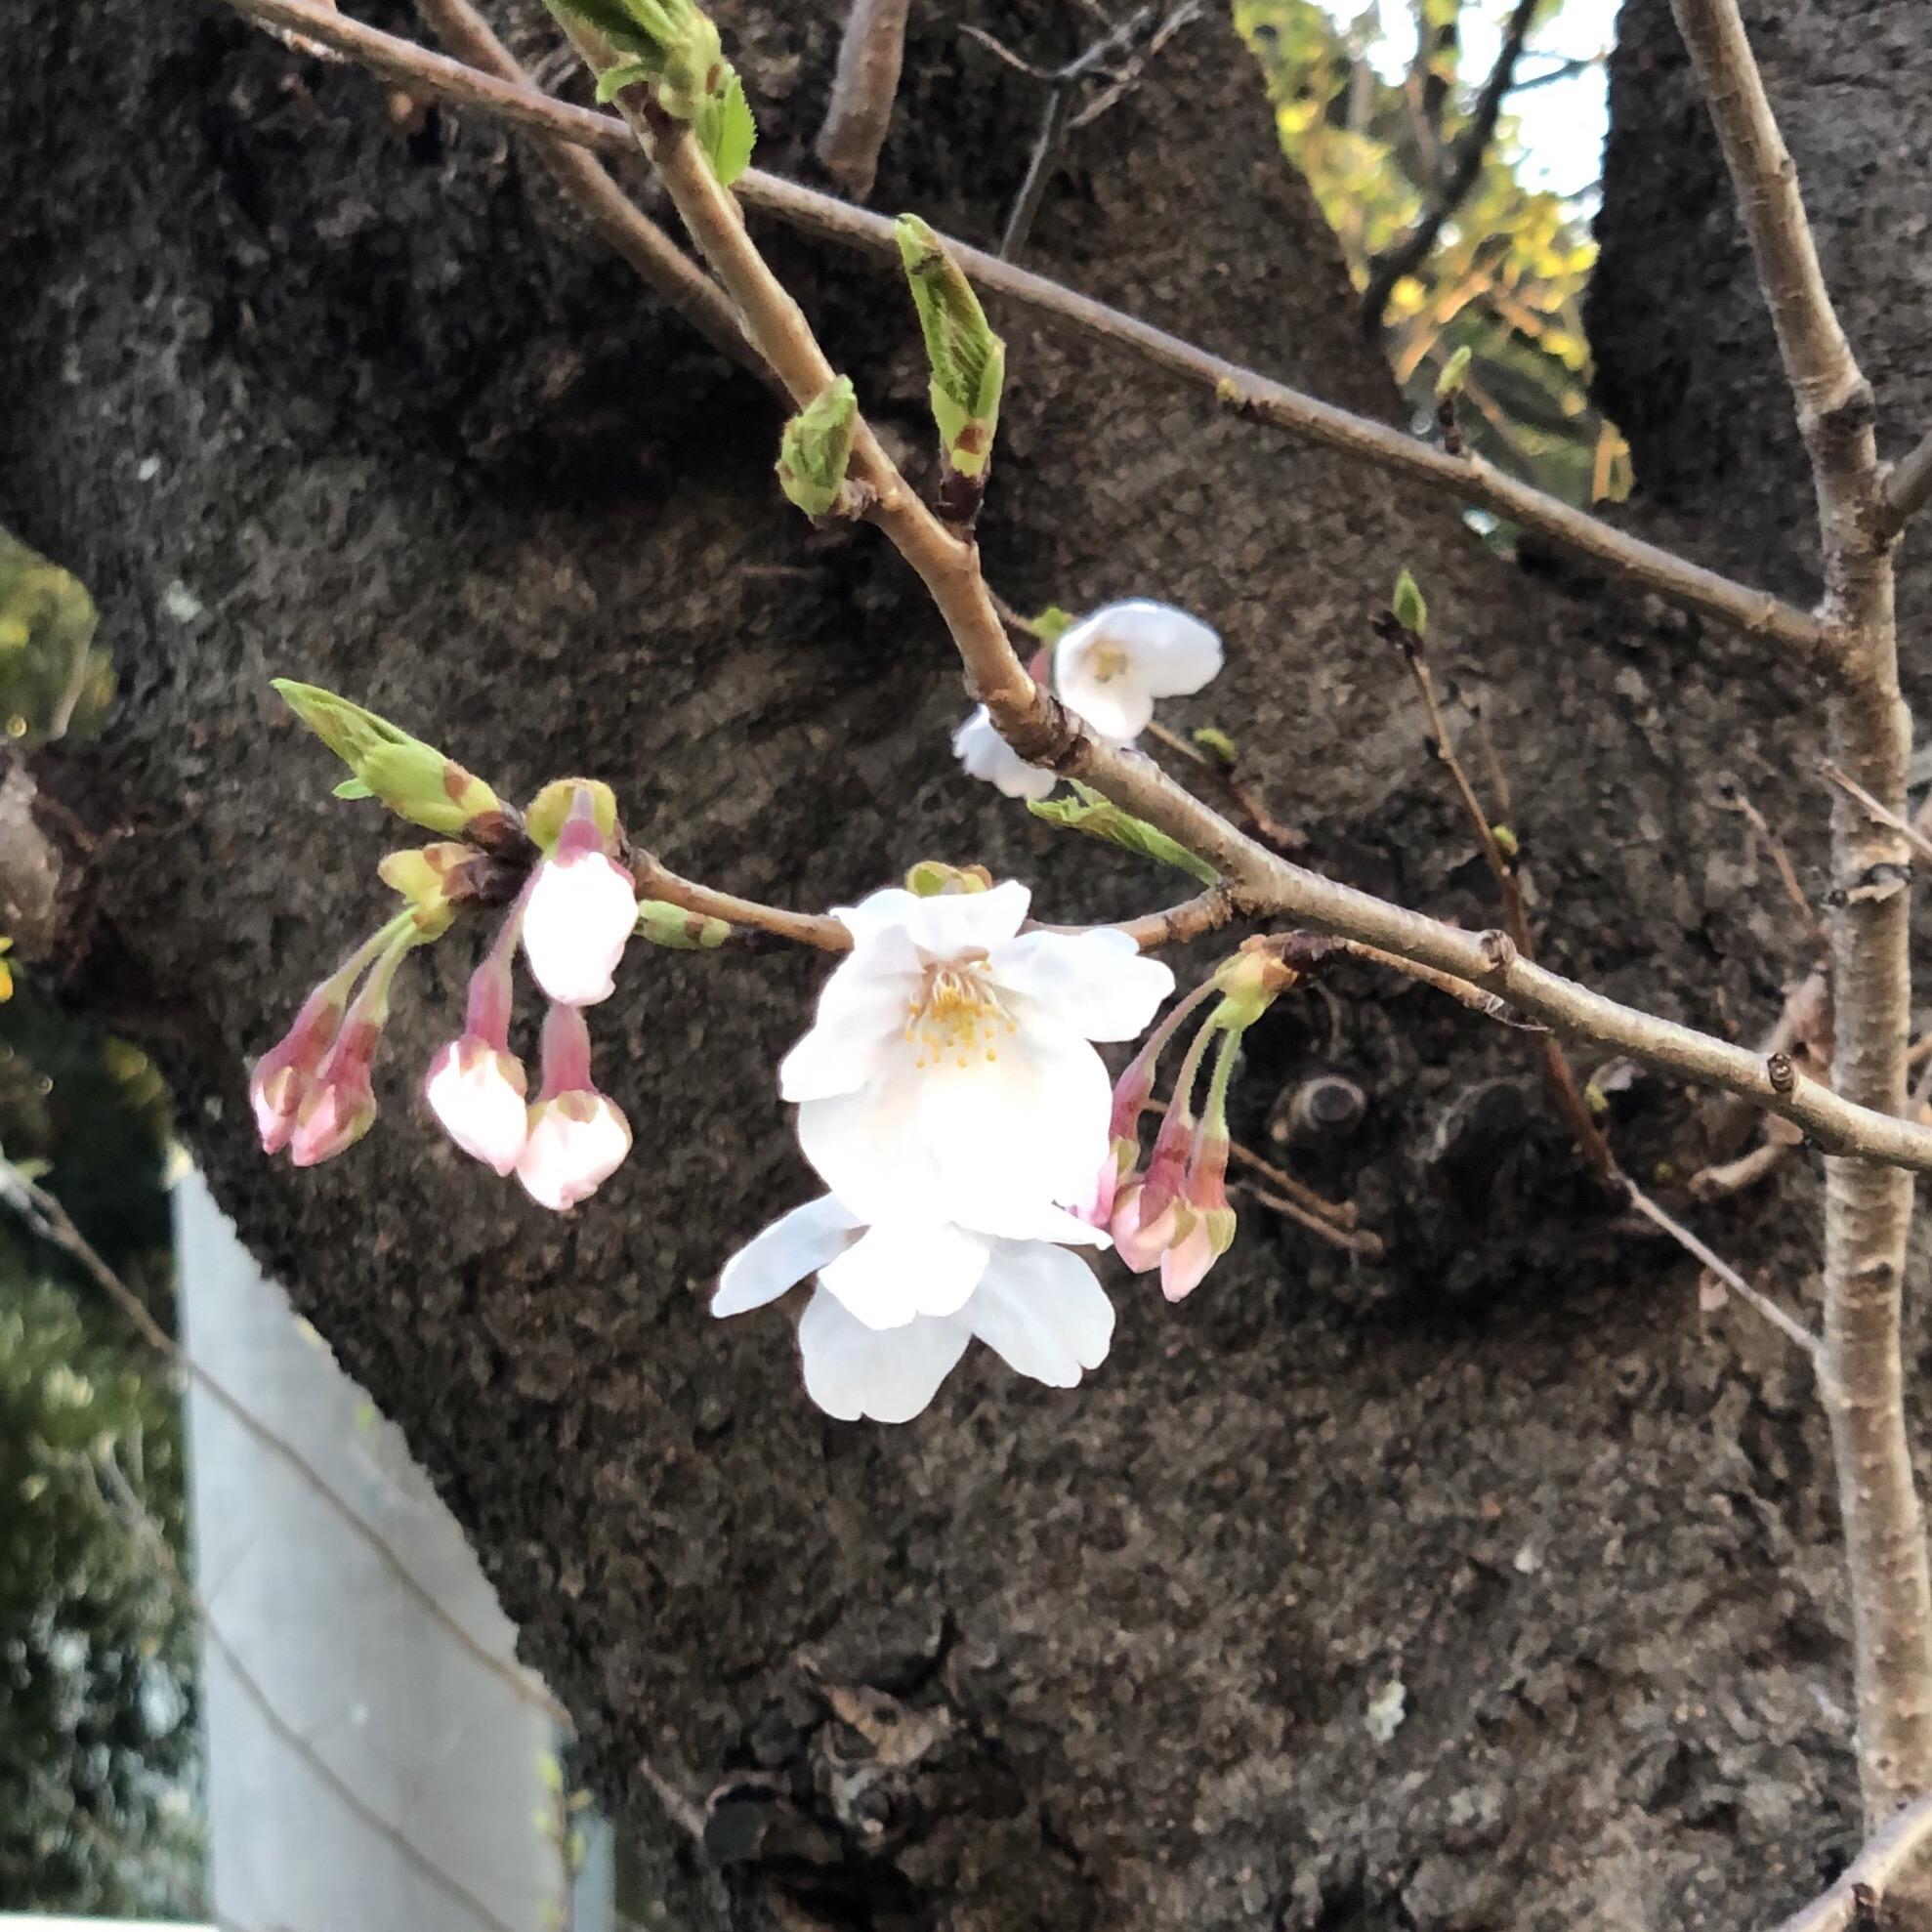 久里浜天神社の桜も咲き始めました。一日も早く新型肺炎が収束しますように。